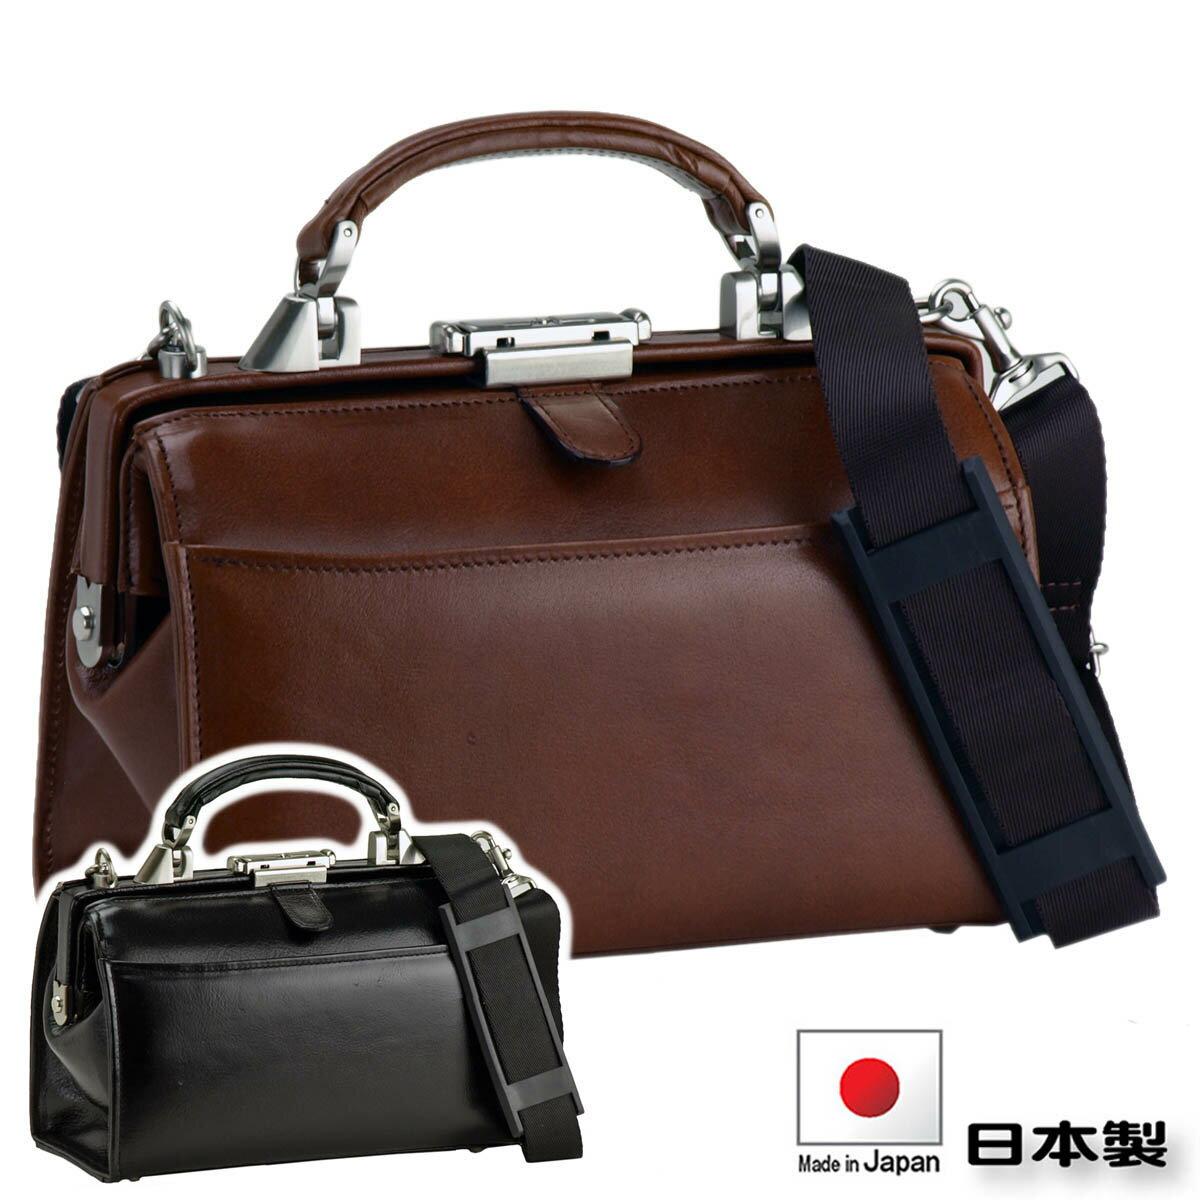 ビジネスバッグ 国産 PHILIPE LANGLET フィリップレングレット 小型 ダレスバッグ No:22200 牛革 ダレスバック ショルダーベルト付き A5サイズ 収納可能 セカンドバッグ 鞄倶楽部